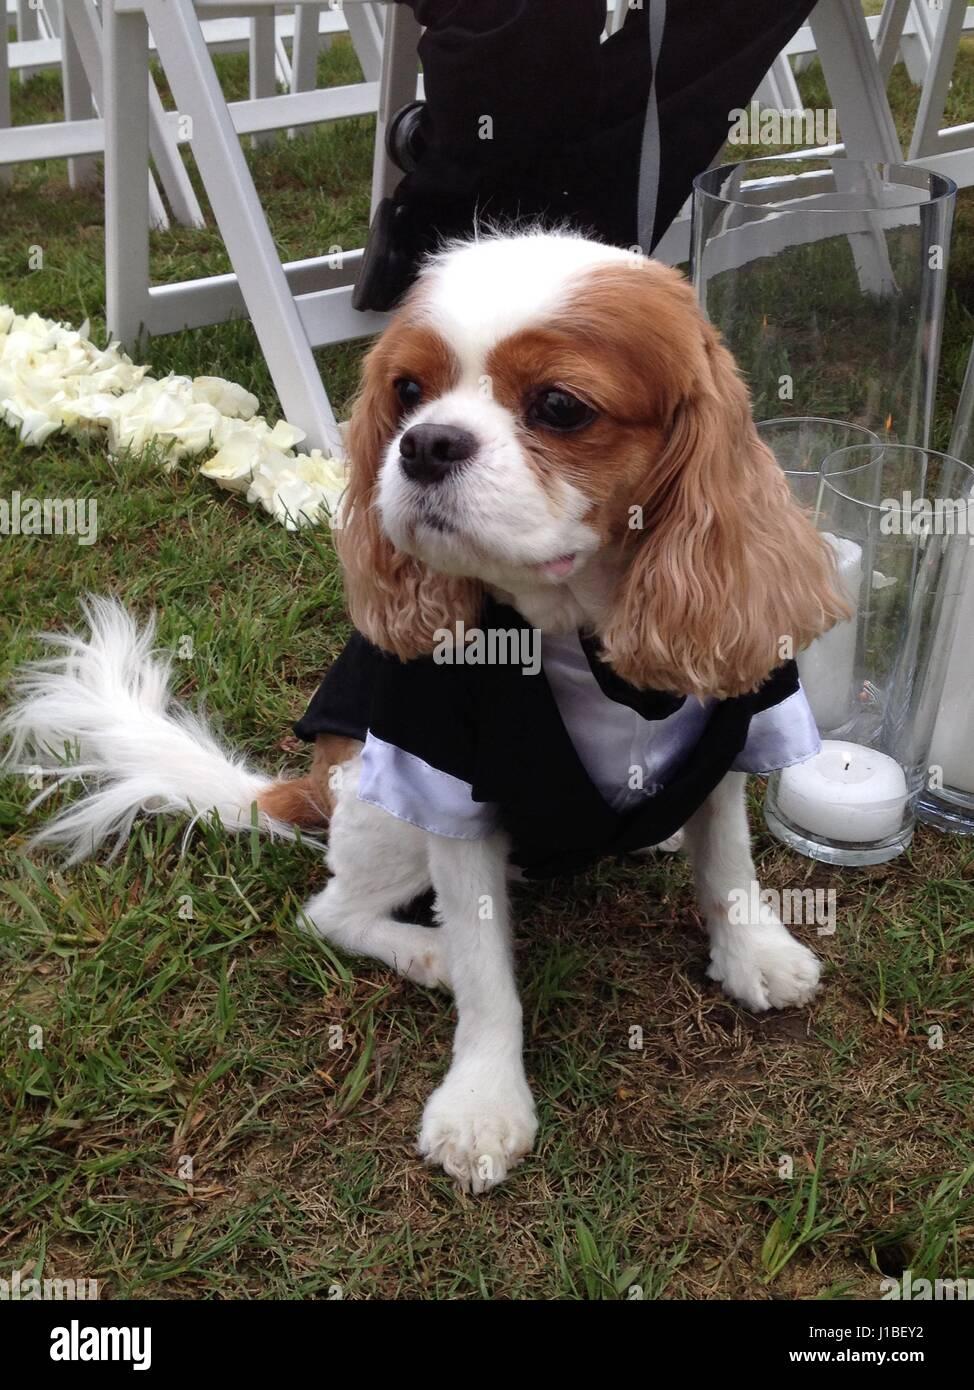 Wedding dog - Stock Image